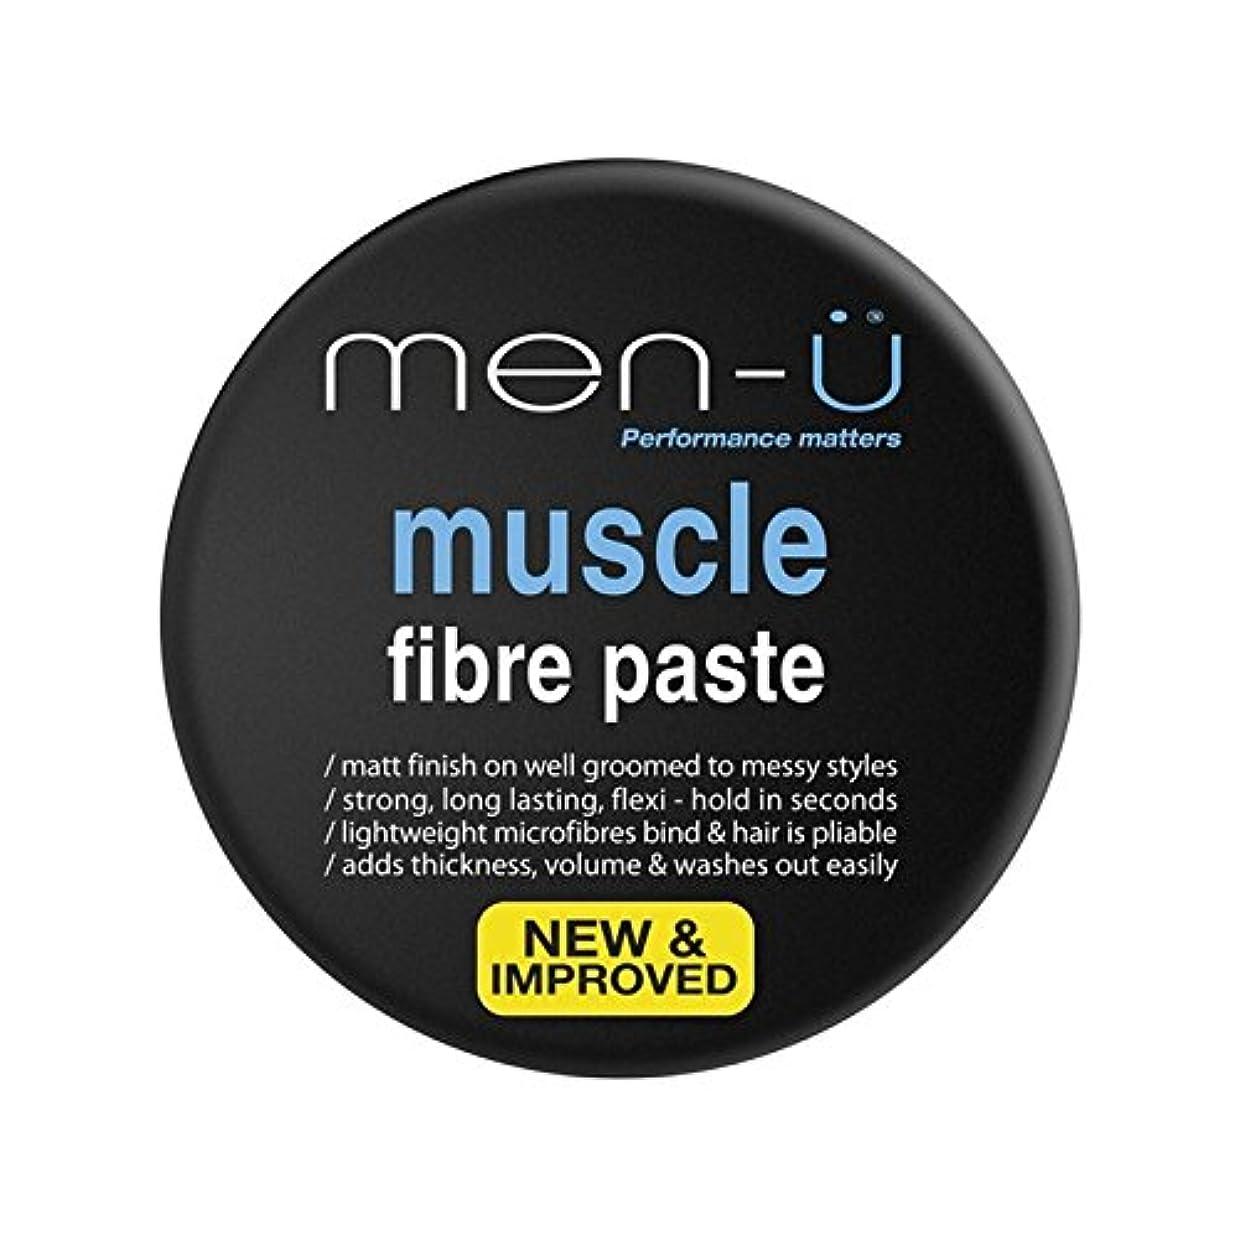 ファランクスフクロウアークMen-? Muscle Fibre Paste (100ml) (Pack of 6) - 男性-?筋線維ペースト(100ミリリットル) x6 [並行輸入品]